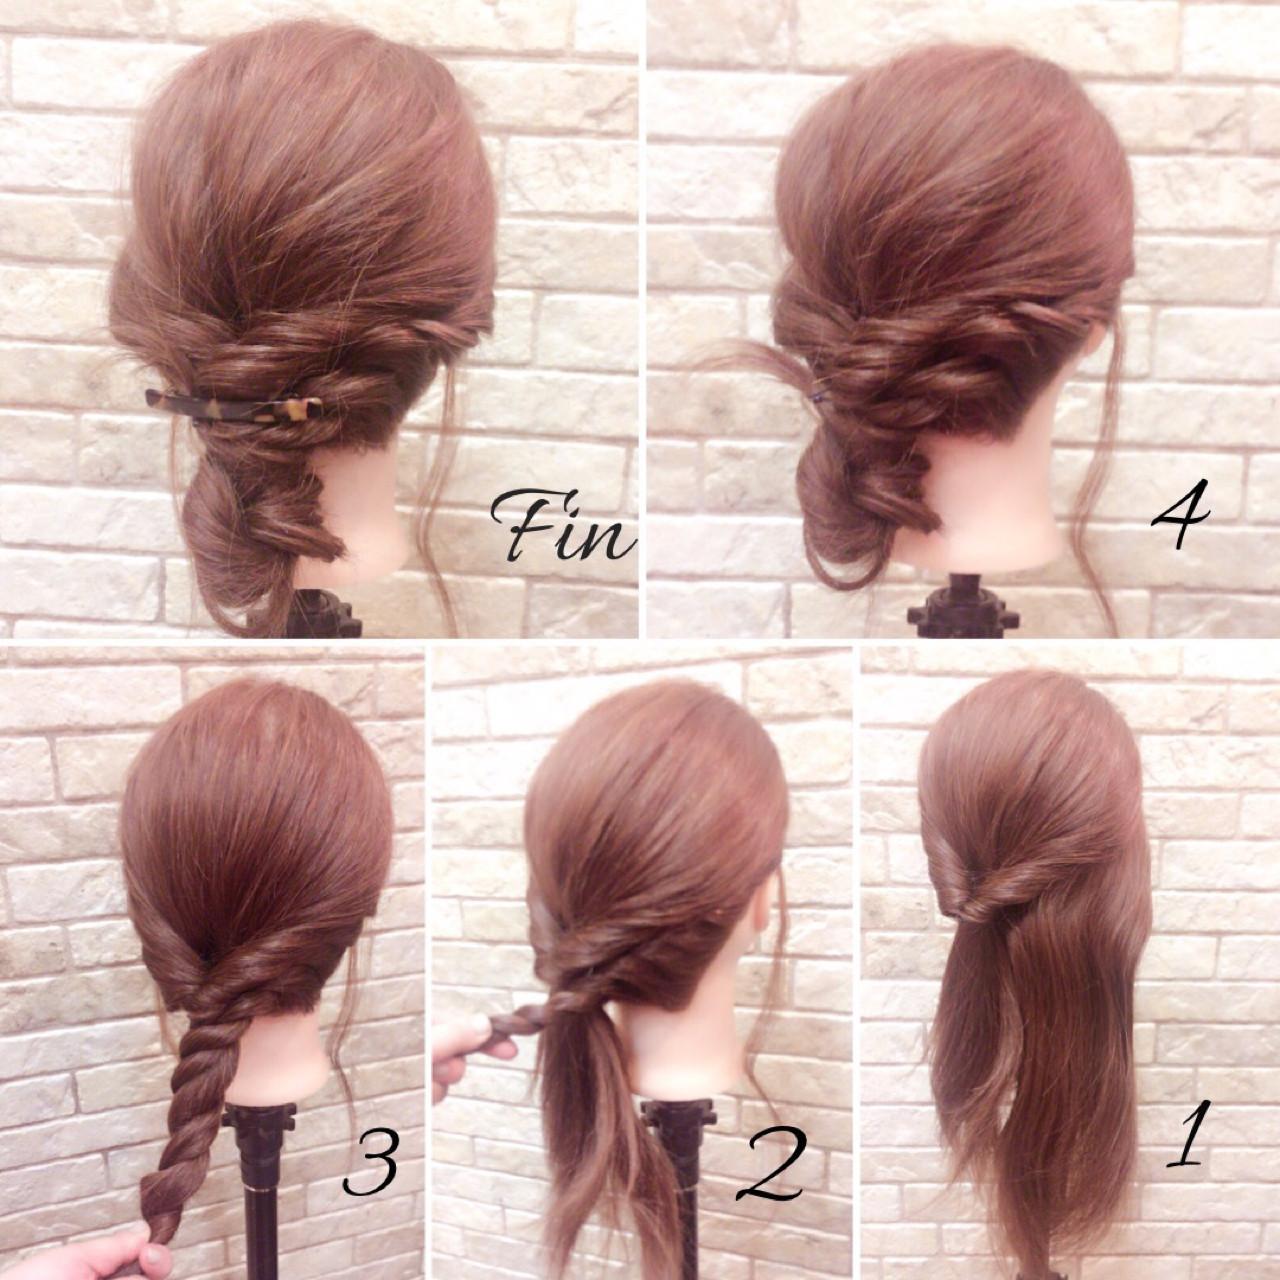 ナチュラル 簡単ヘアアレンジ 大人女子 ミディアム ヘアスタイルや髪型の写真・画像